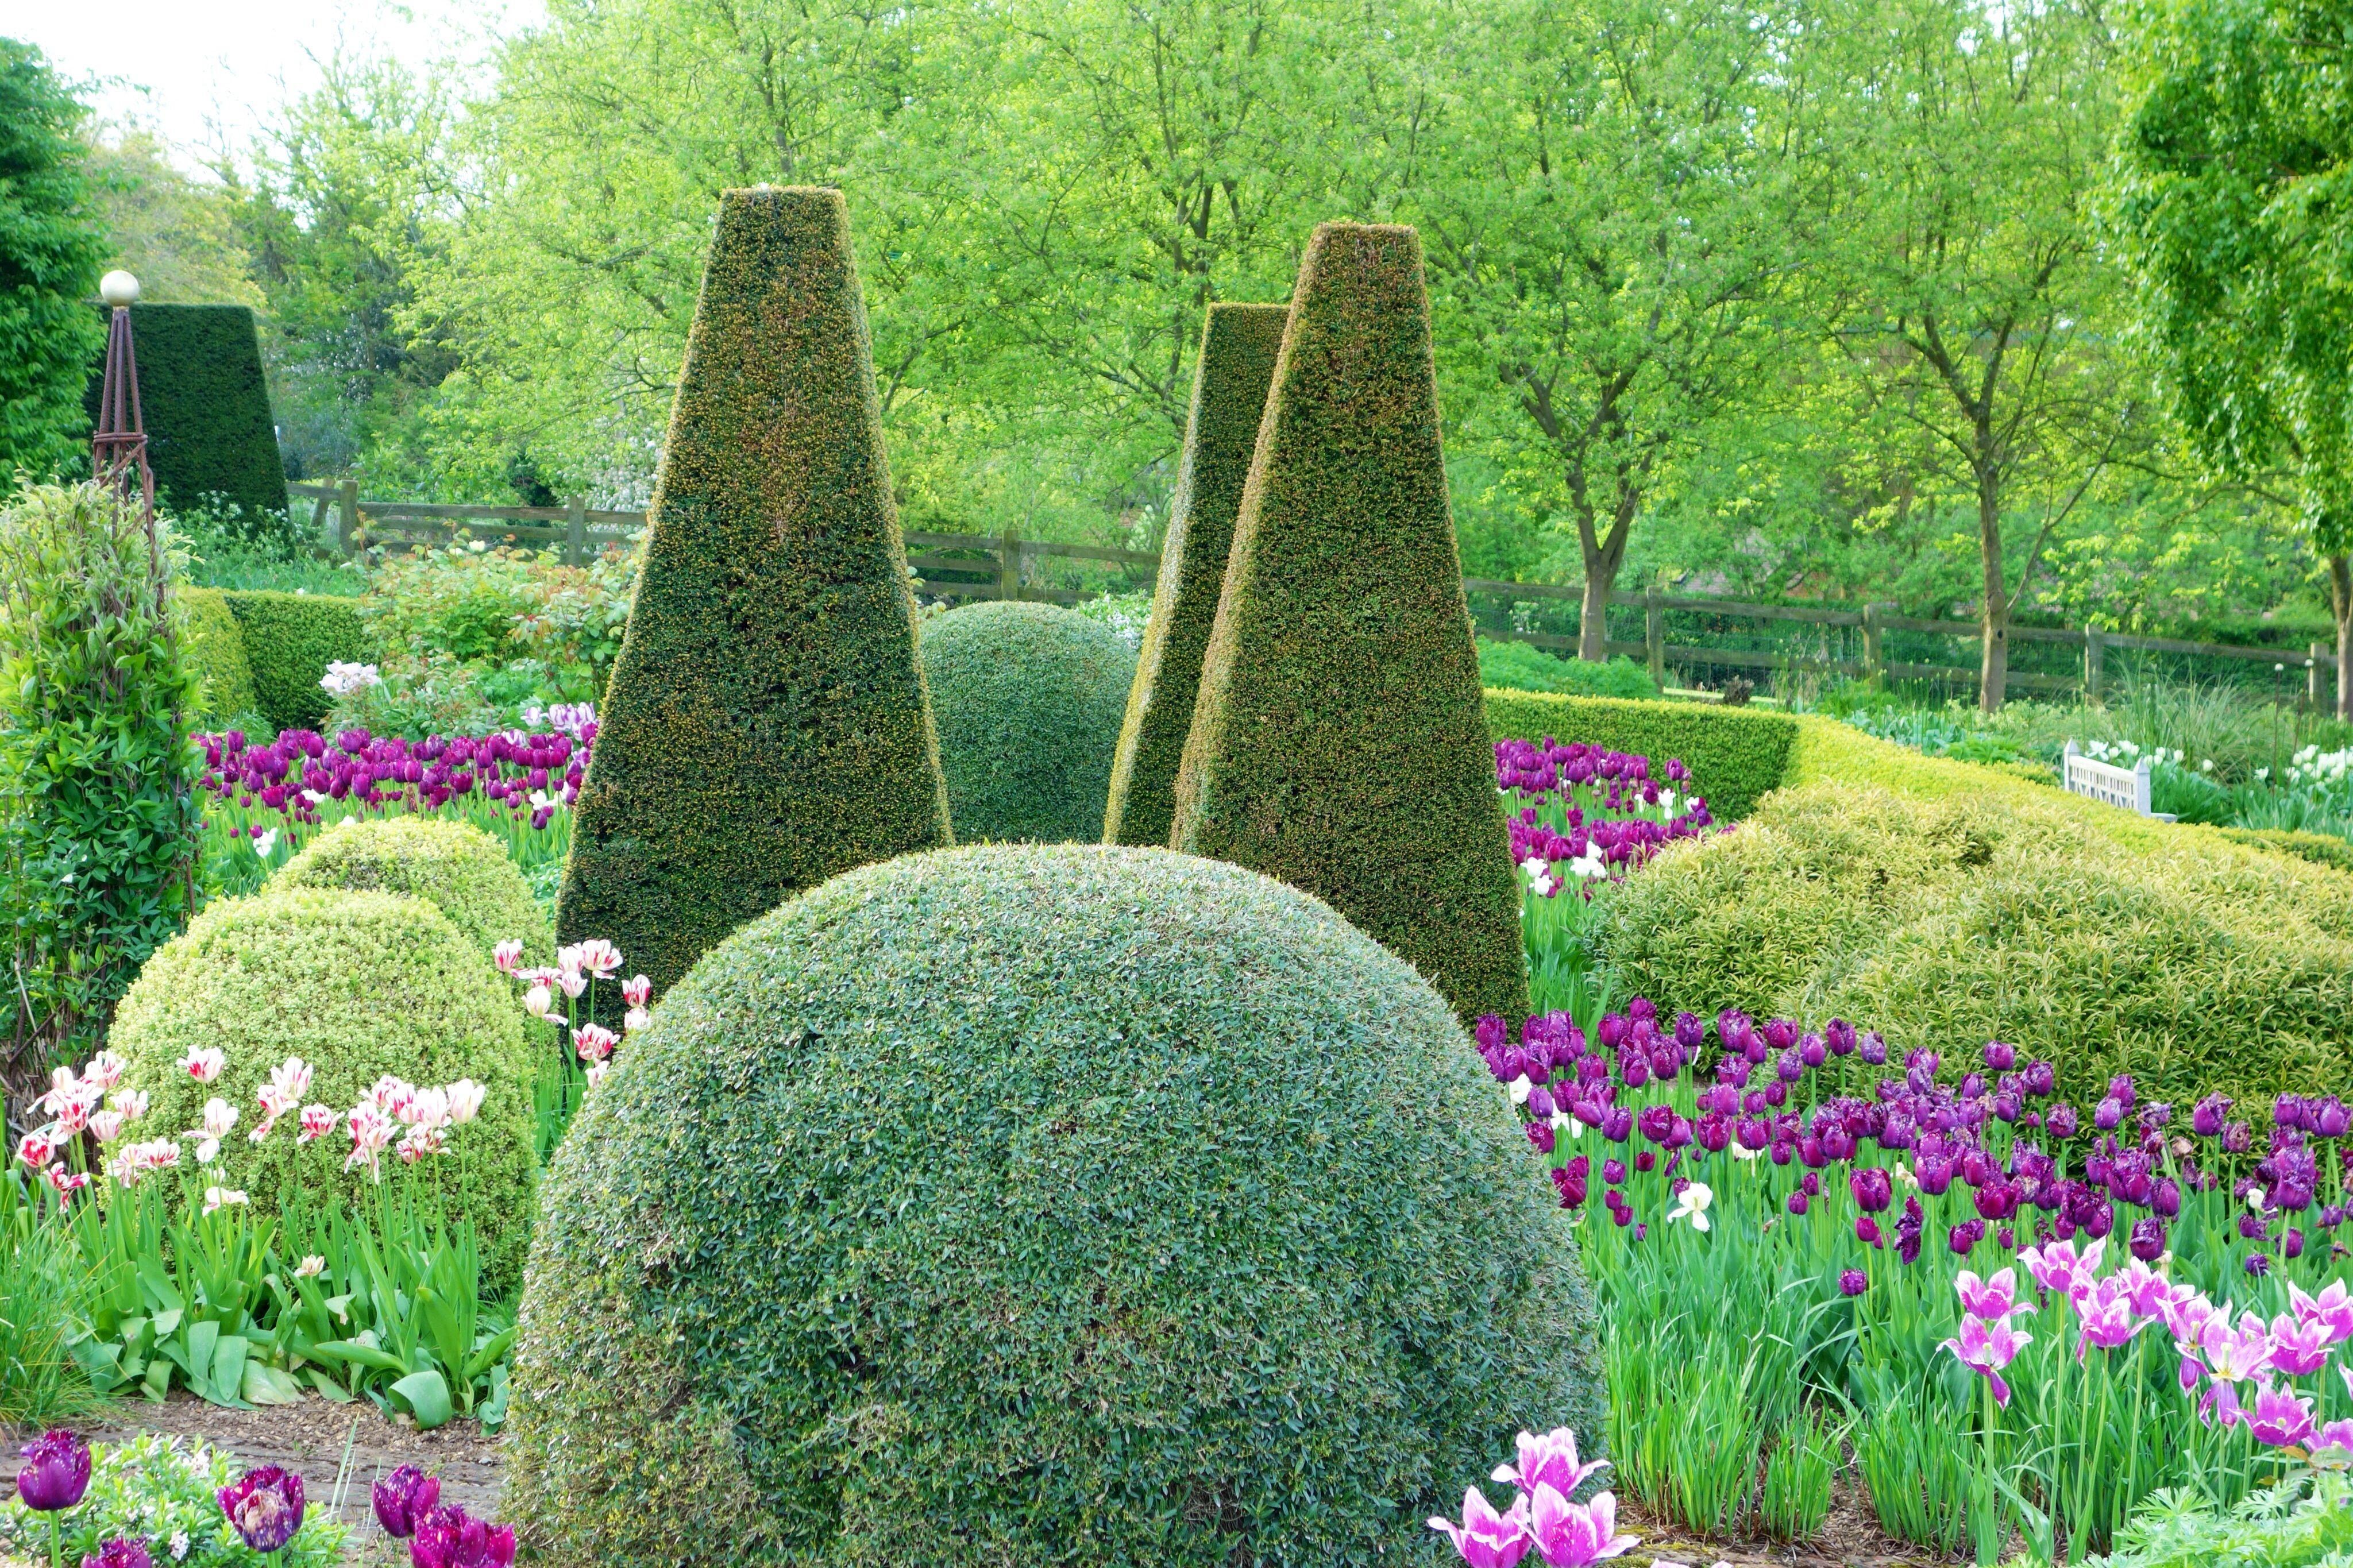 Pettifers North Oxfordshire Country Gardening Garden Inspiration Secret Garden